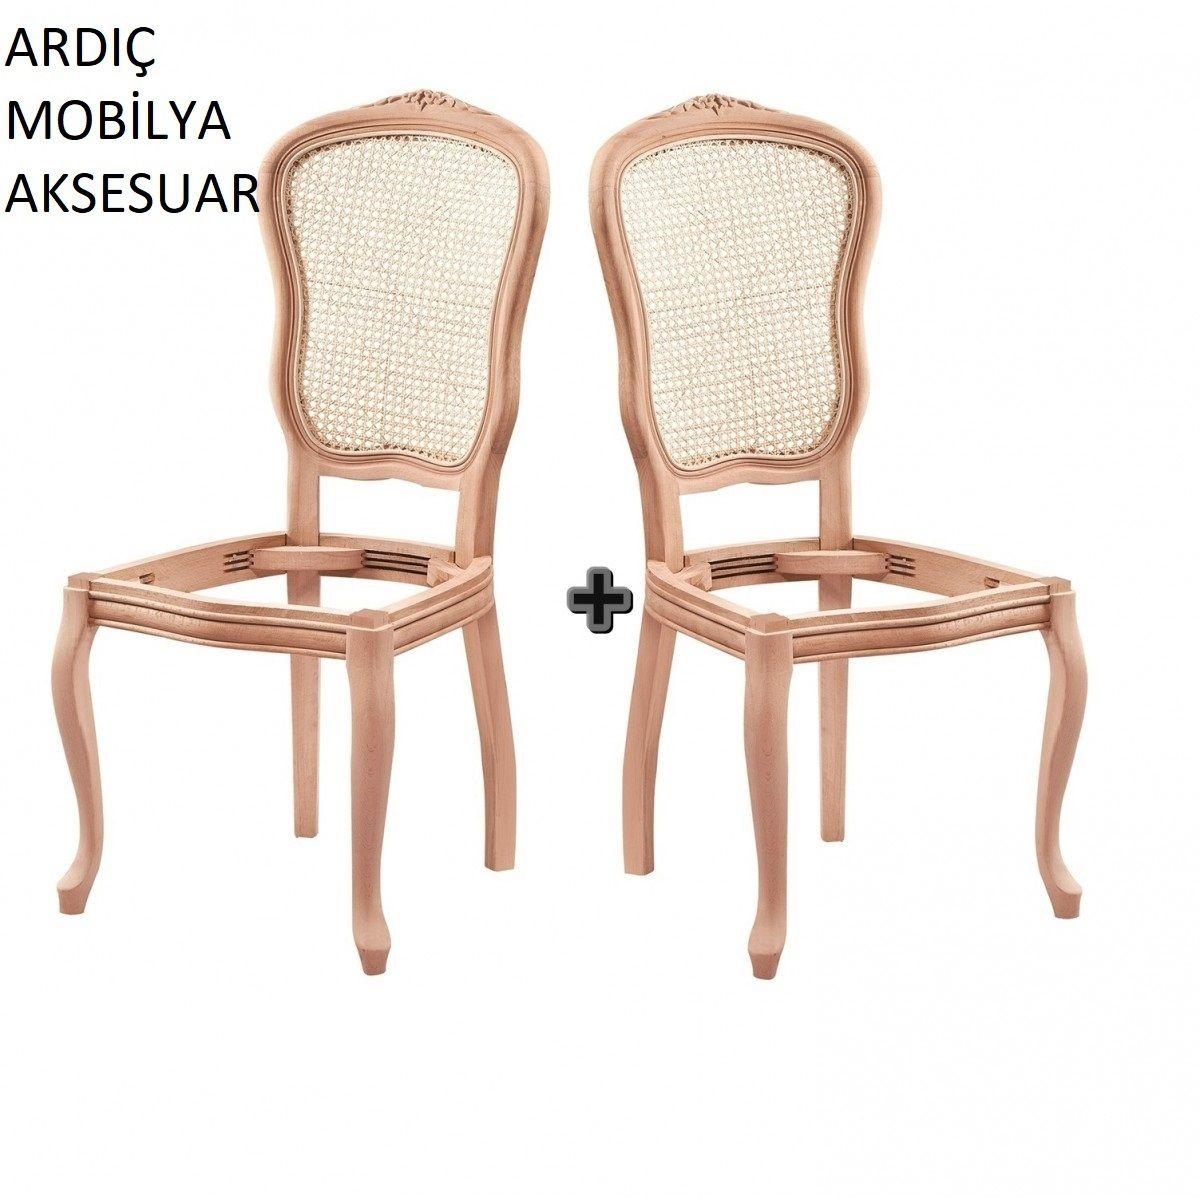 papatya-oymali-hasirli-lukens-ayak-sandalye-ardic-mobilya-aksesuar-ahsap-hasir-sandalye-42232